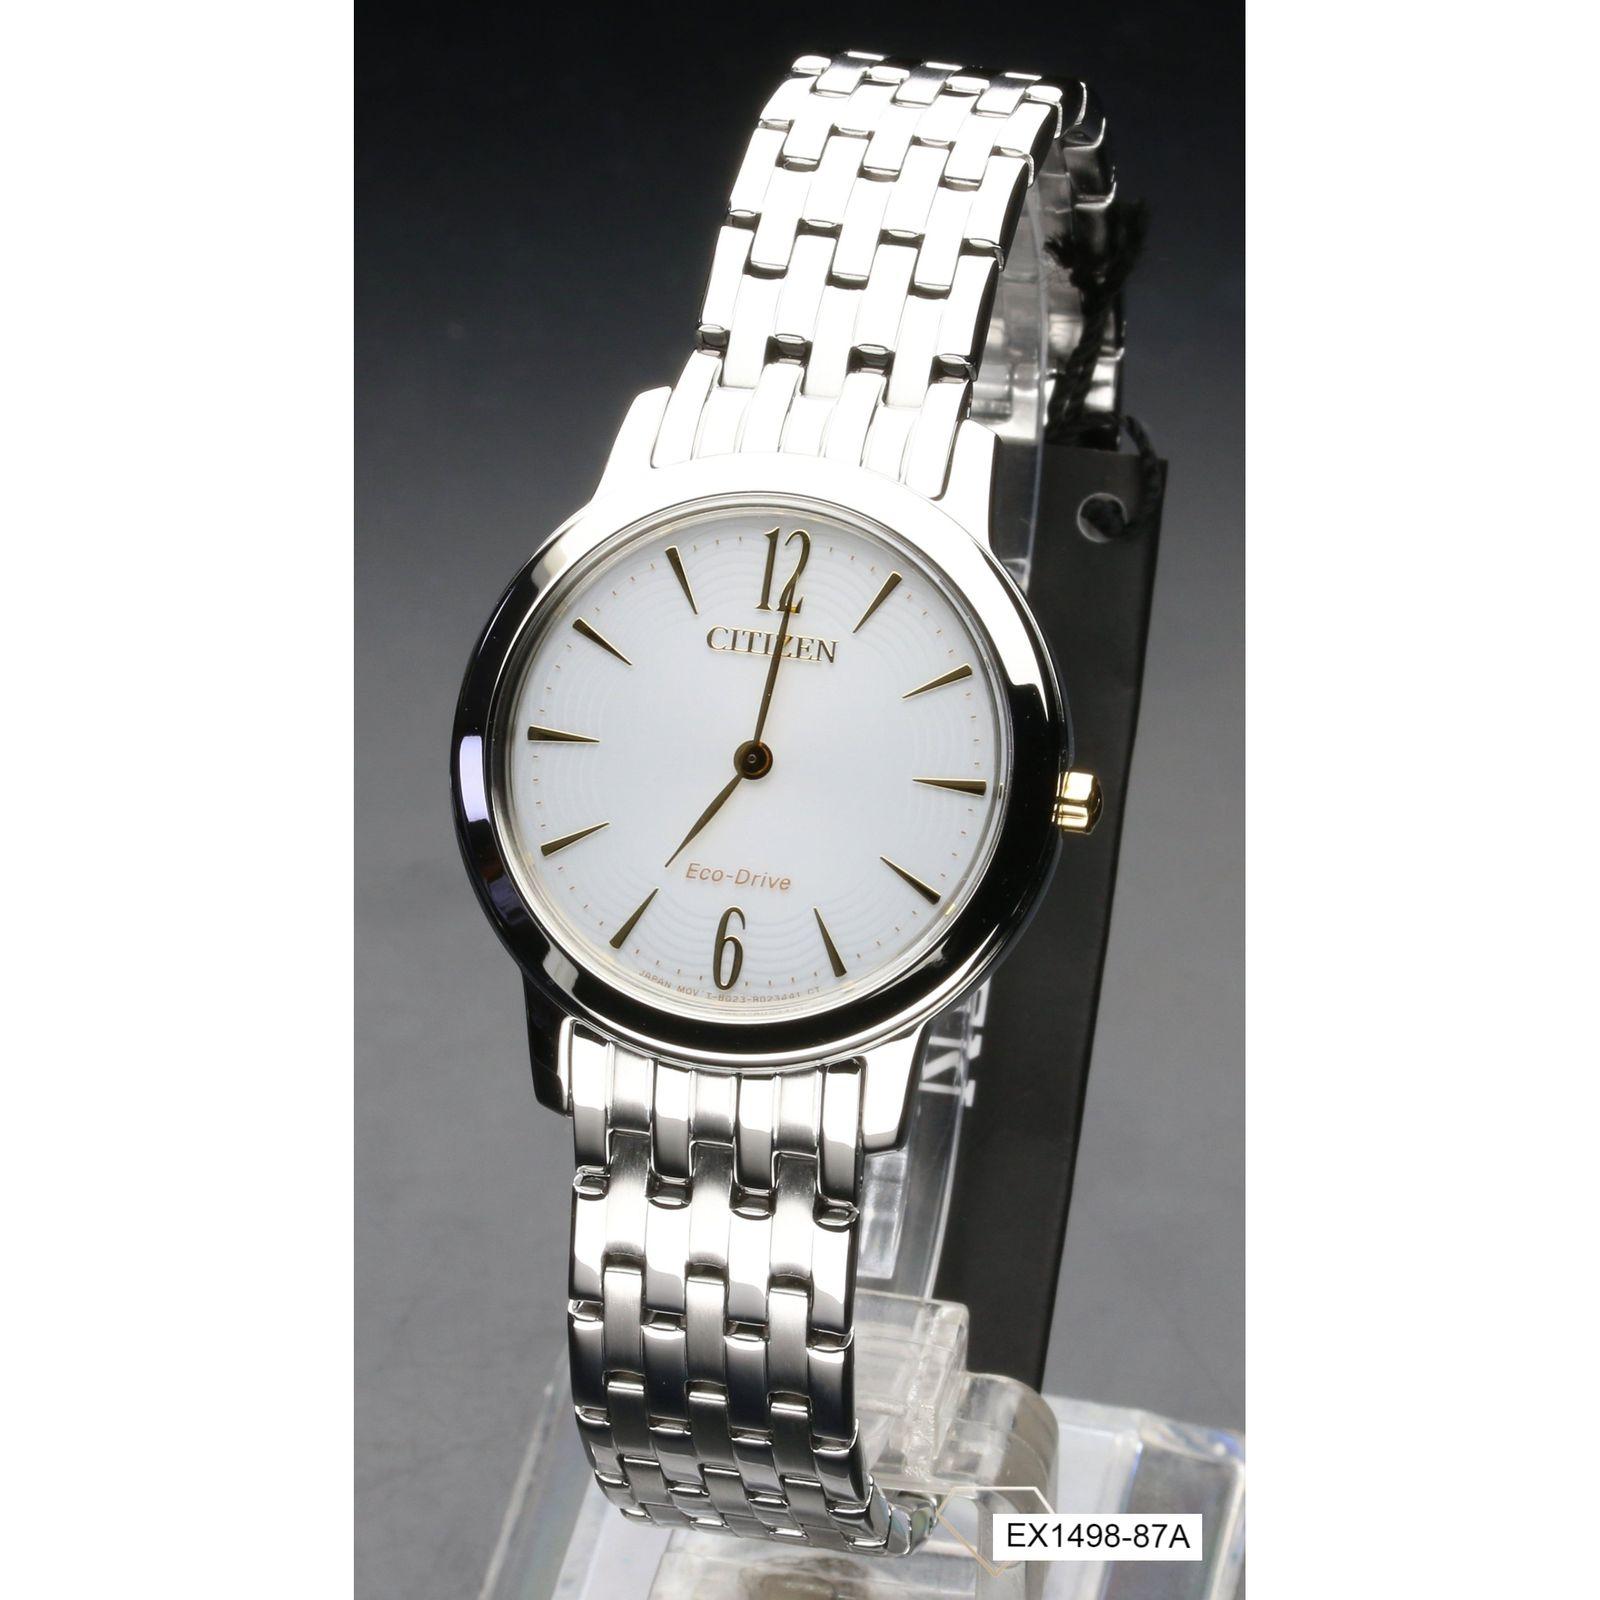 ساعت مچی عقربه ای زنانه سیتی زن مدل EX1498-87A -  - 5